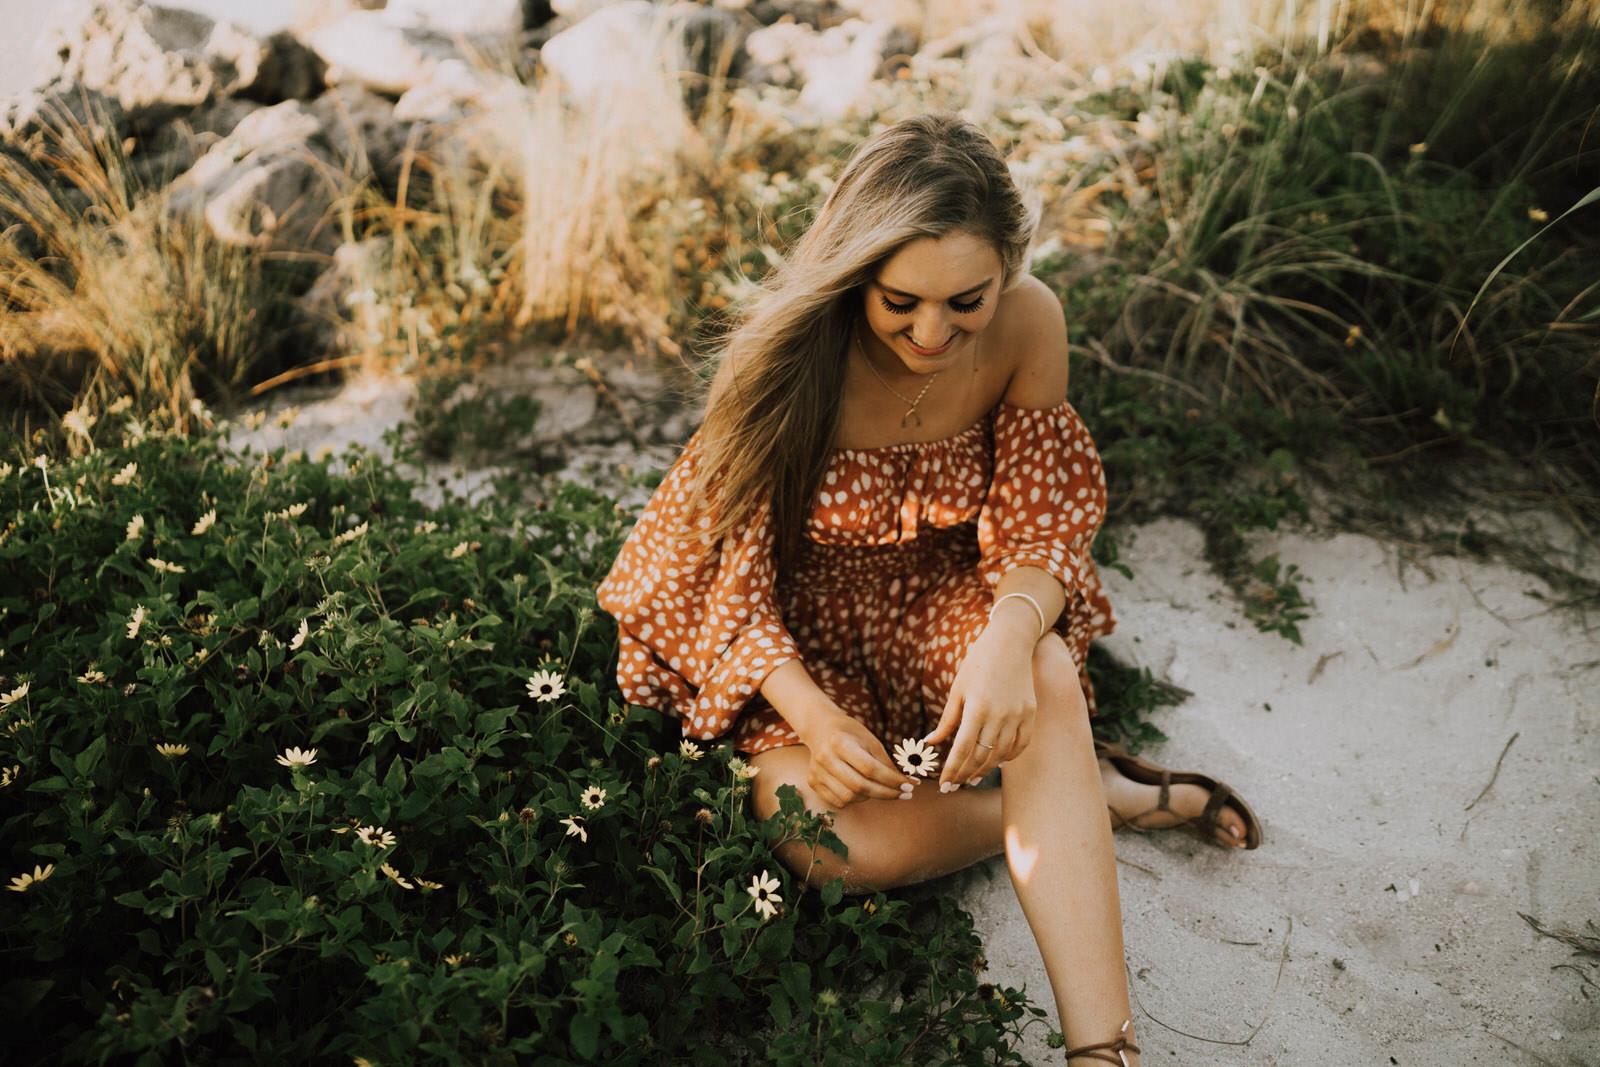 Fort Myers Senior Photos on Bonita Beach - Michelle Gonzalez Photography - Skyler Hart-68.JPG